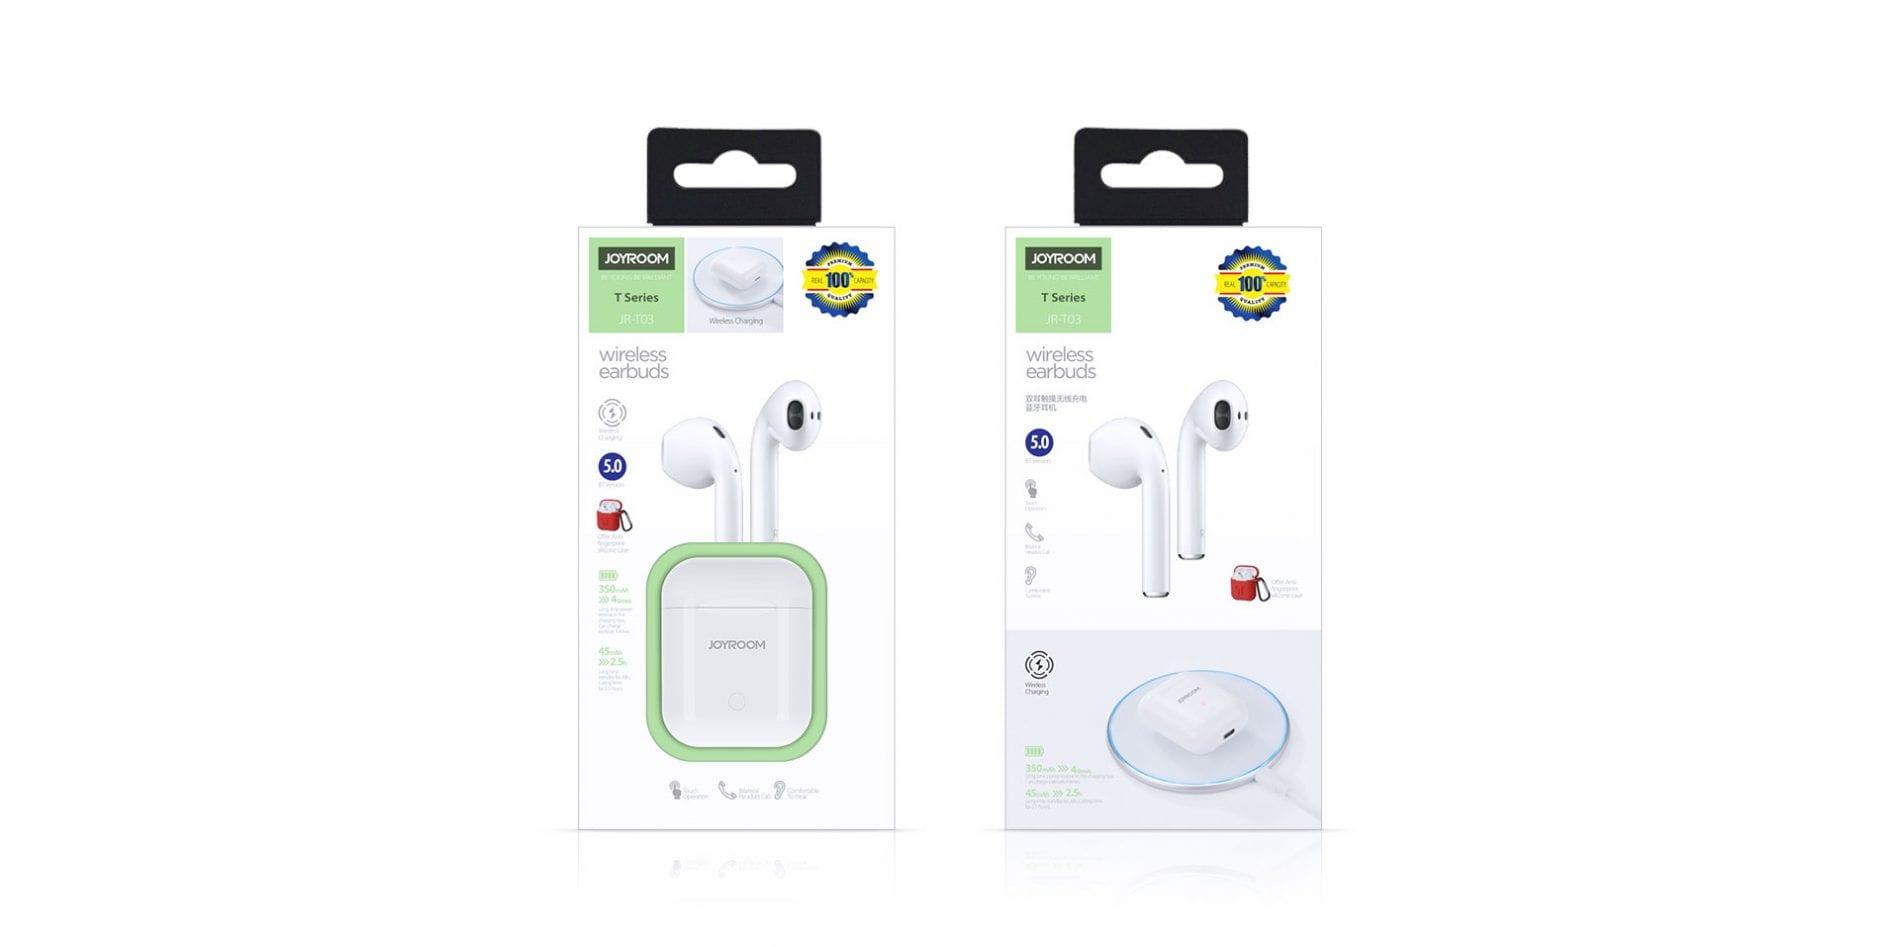 Joyroom-T03 TWS Wireless Bluetooth Earphone